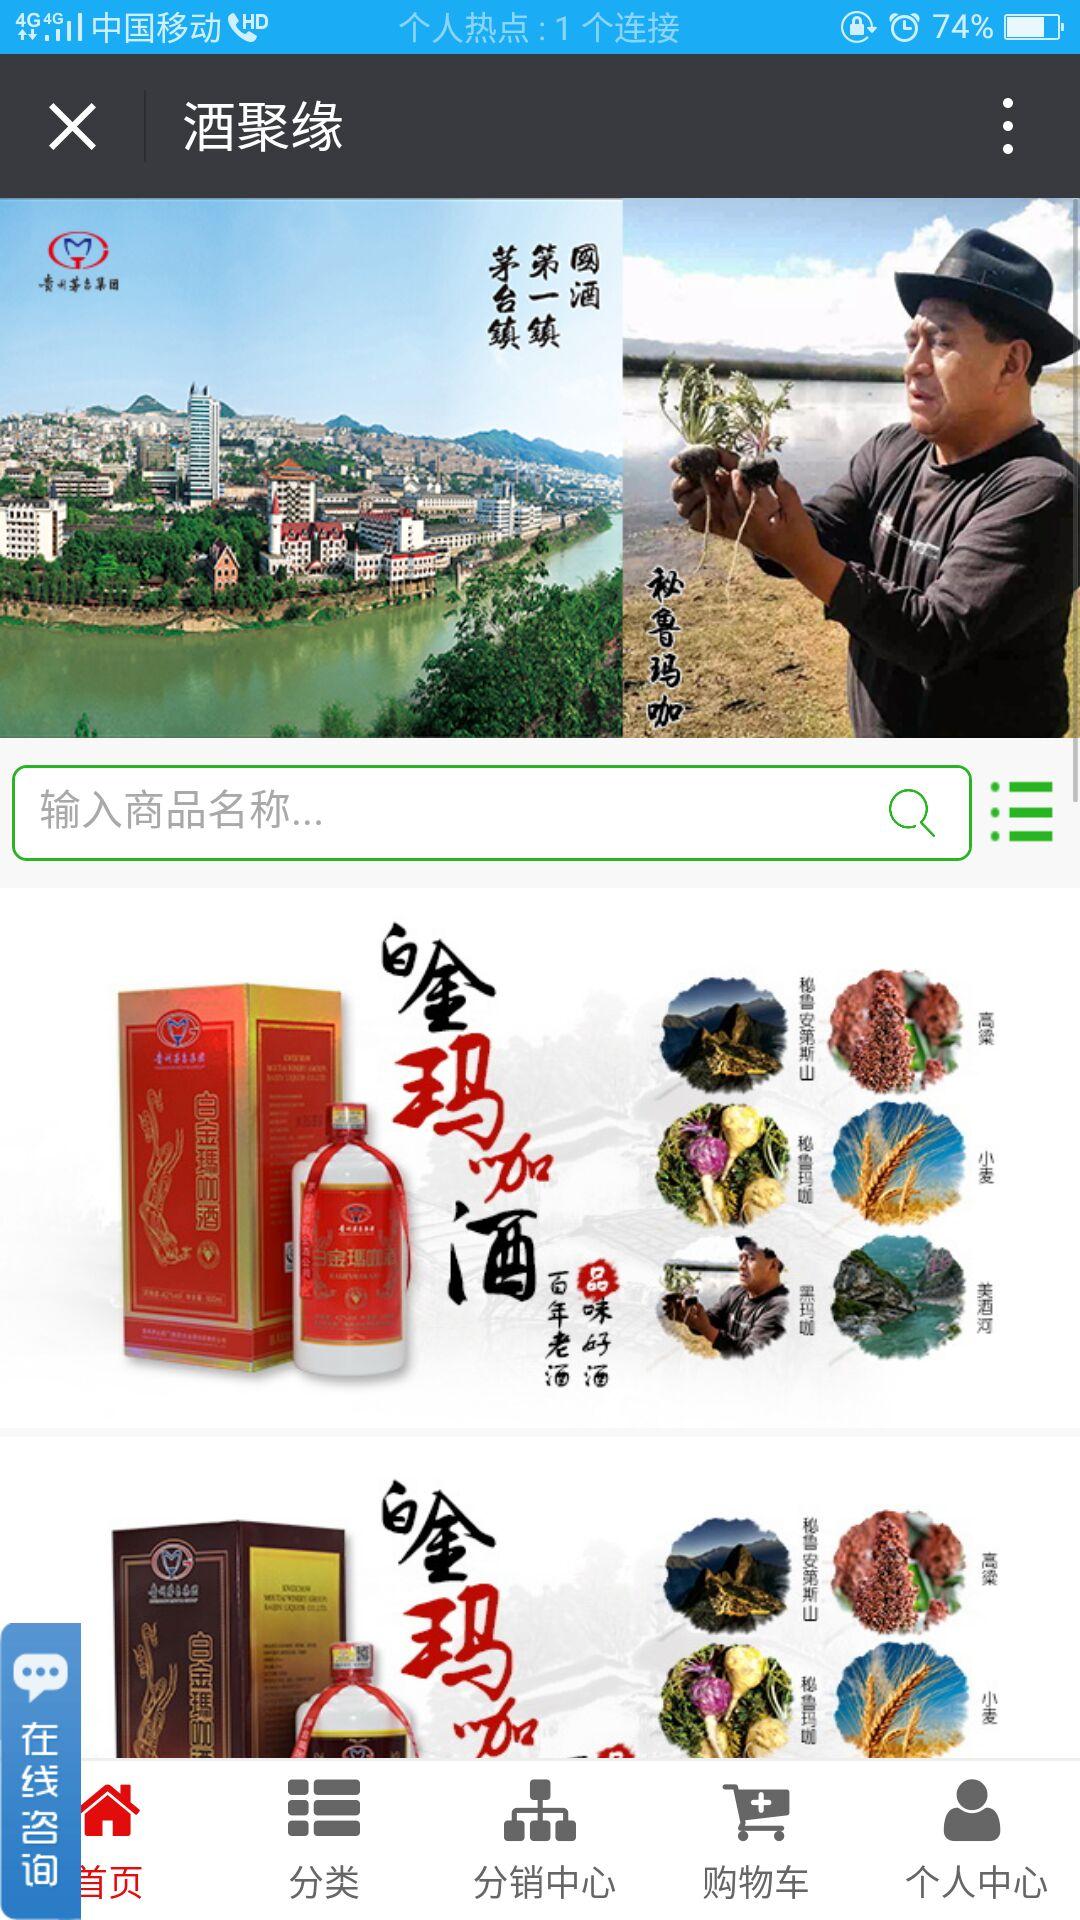 微信三级分销系统案例展示_酒聚缘